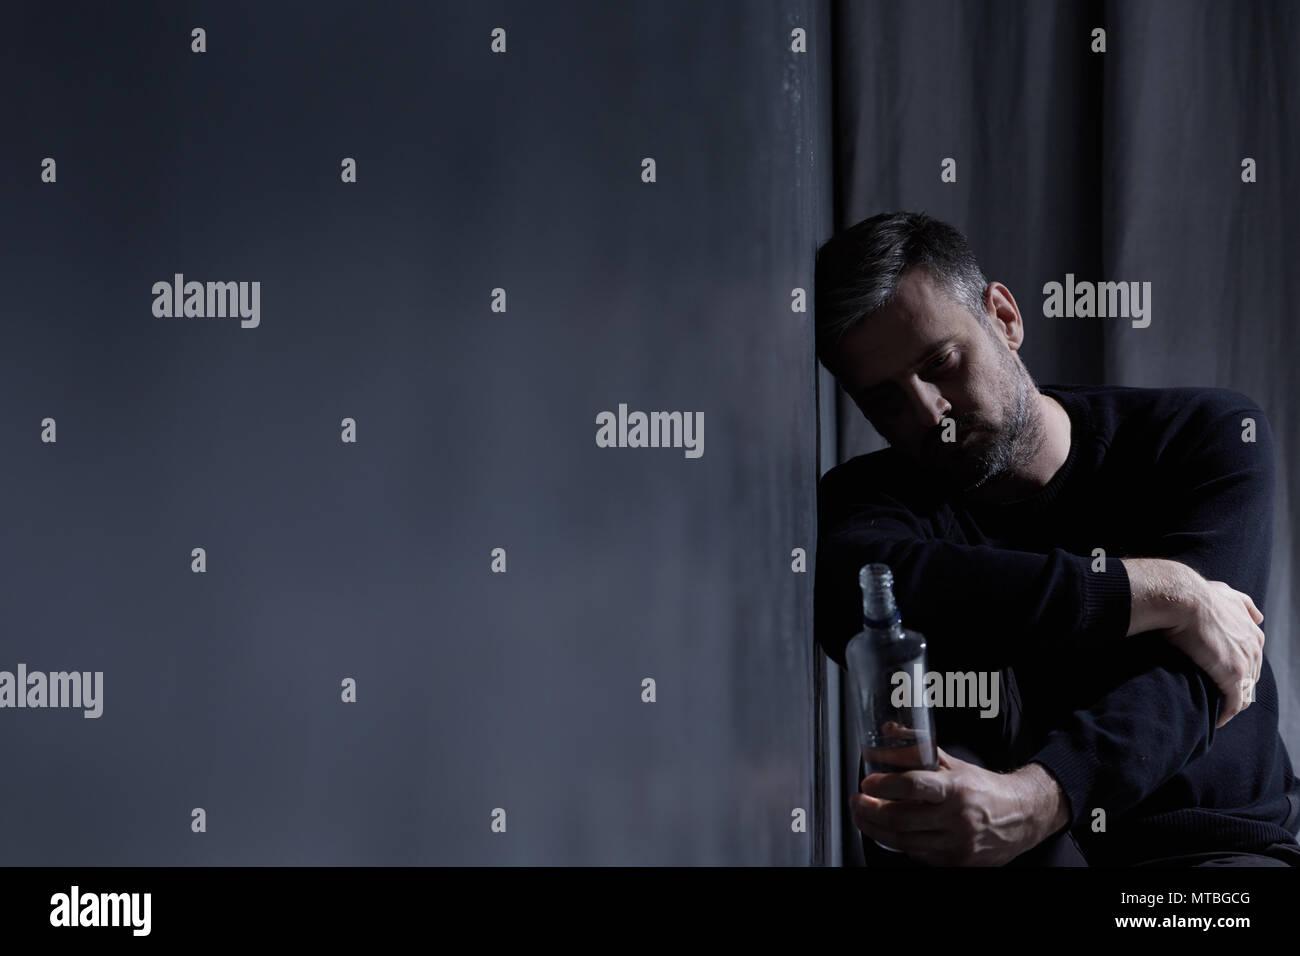 Man holding bouteille d'alcool dans l'intérieur sombre Photo Stock